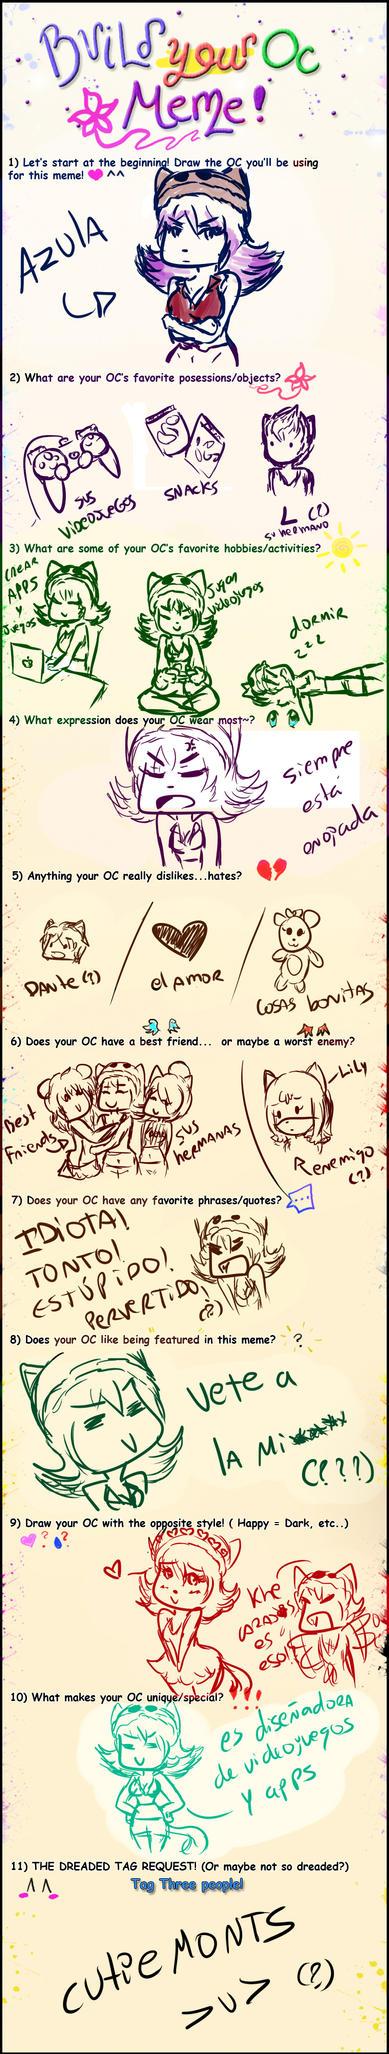 build your oc meme .:Azula:. by NanaMariana22